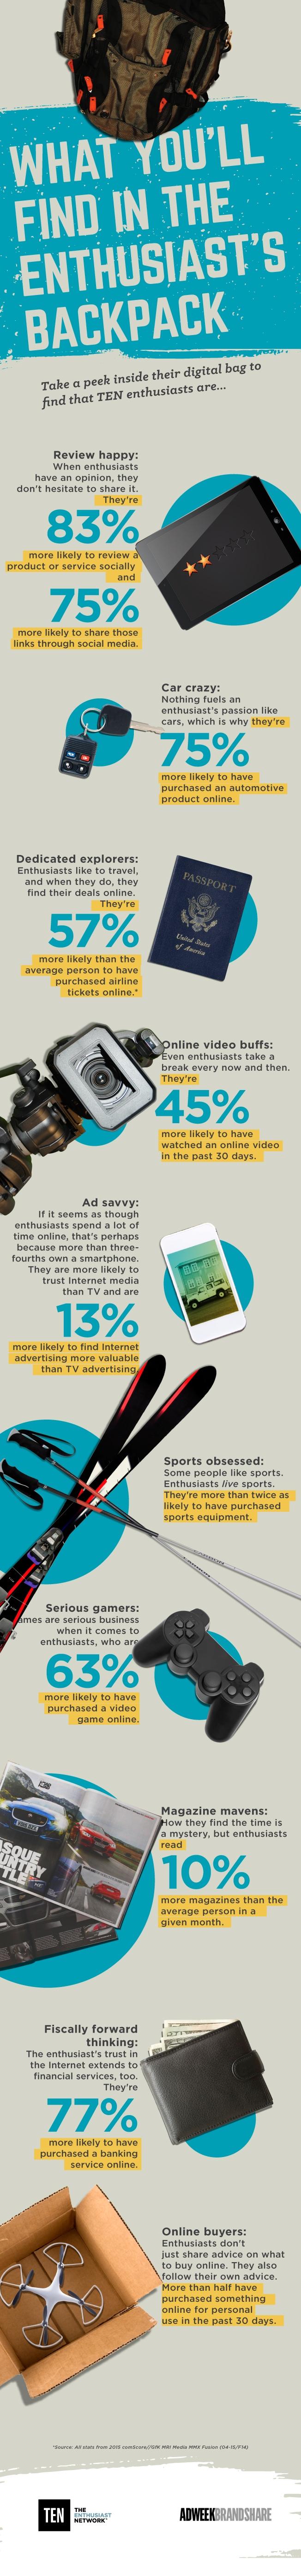 infographic-v7